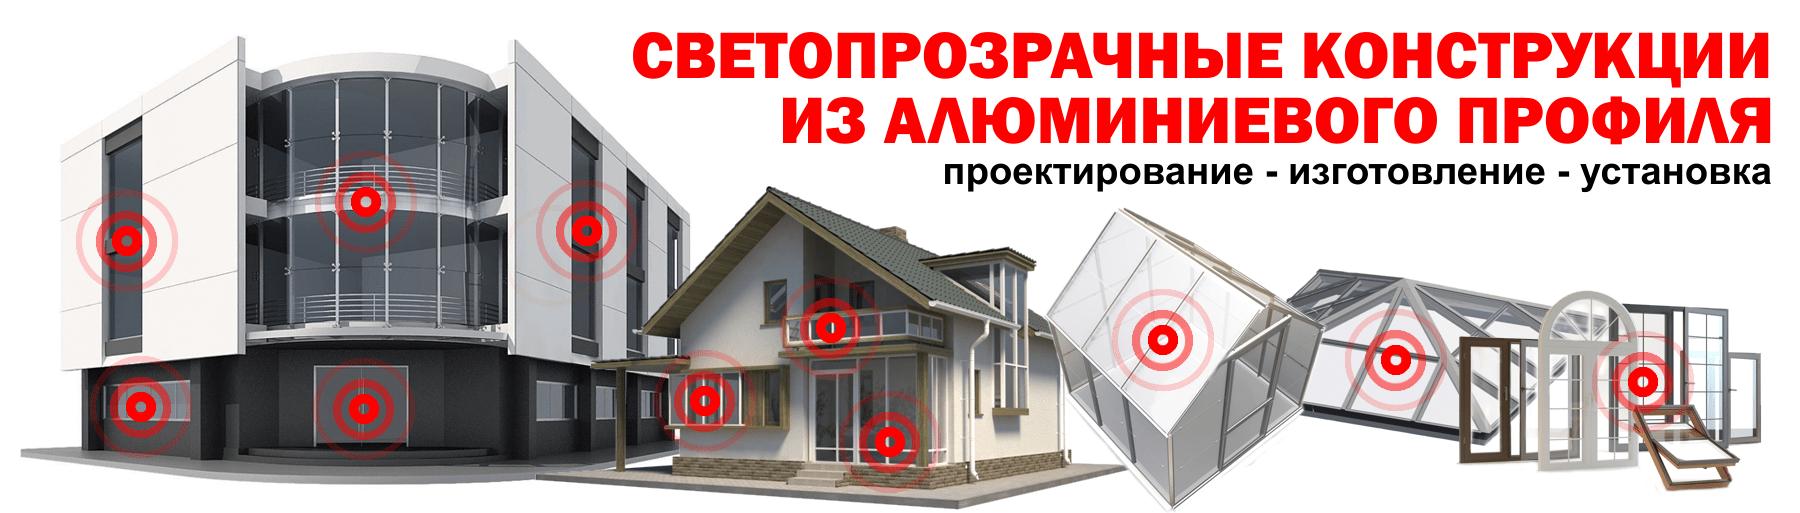 алюминиевое фасадное остекление в Москве